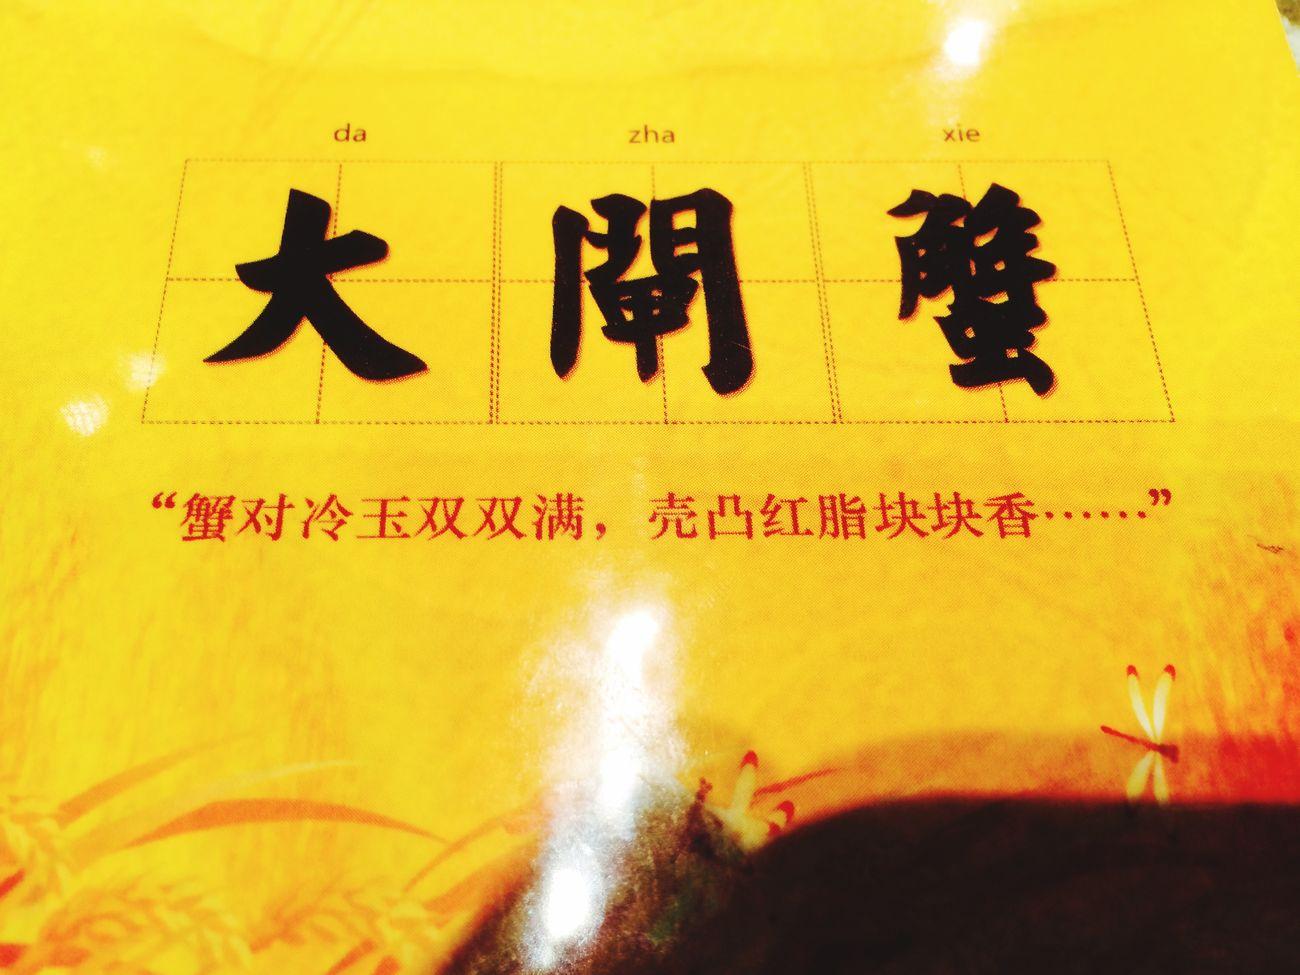 大闸蟹:Chinese crab 1537 Chinese Characters